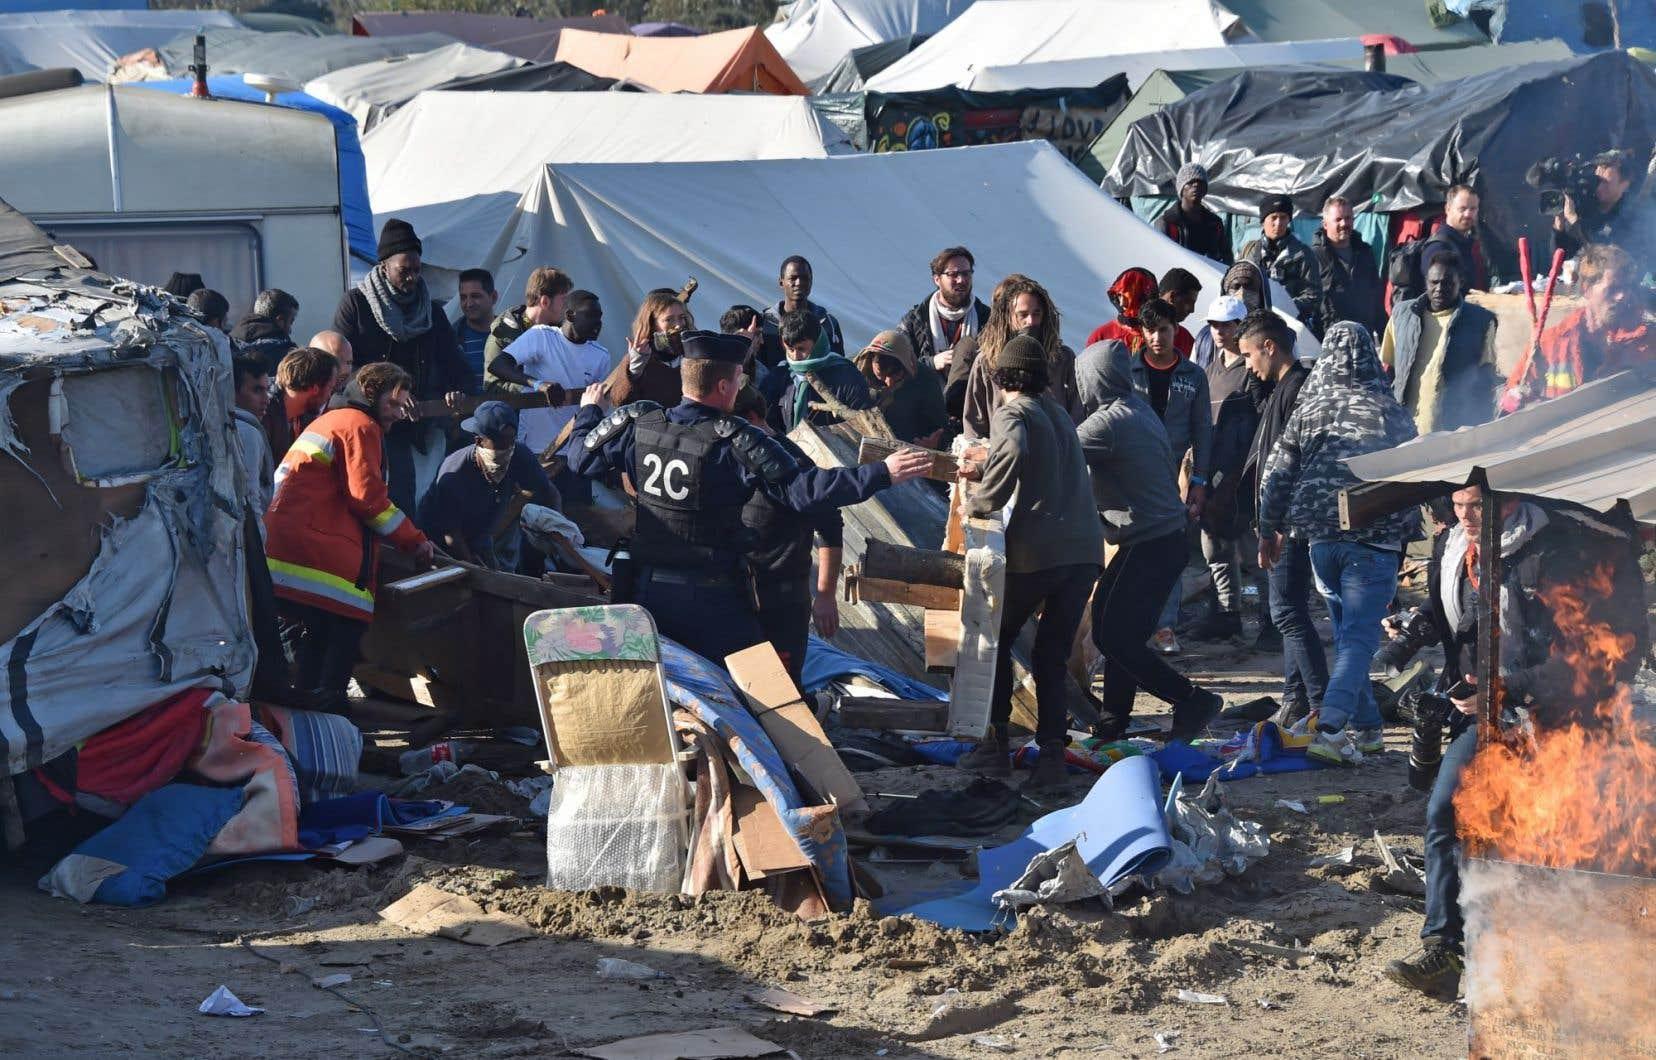 Mardi, des ouvriers ont commencé à démolir les installations du camp, alors que plus 1260 migrants majeurs ont quitté l'endroit.